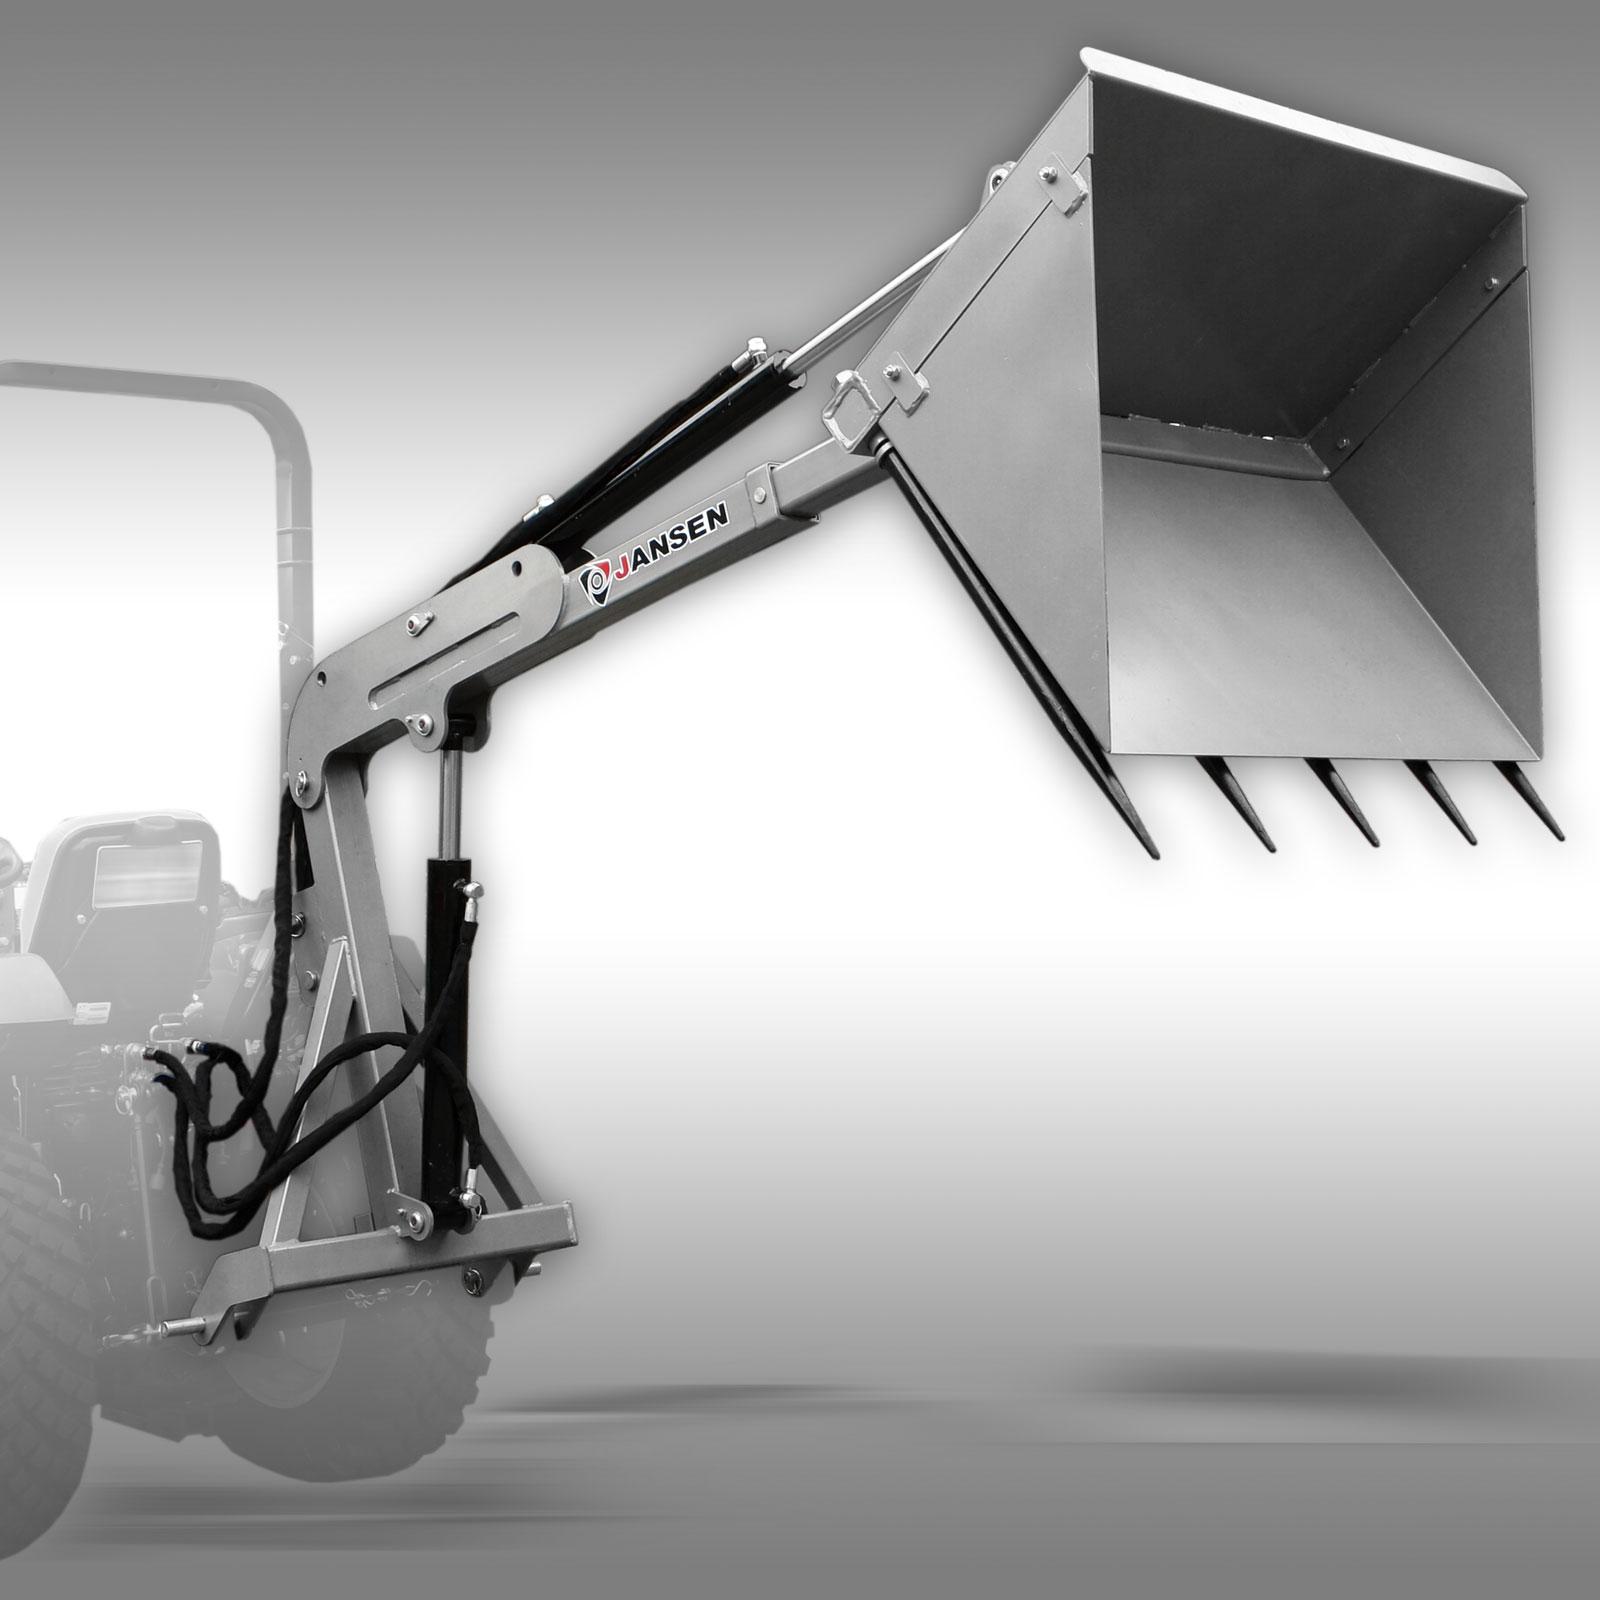 Jansen Achterlader DPS-350, hydraulische grondbak, shovel 3-punts